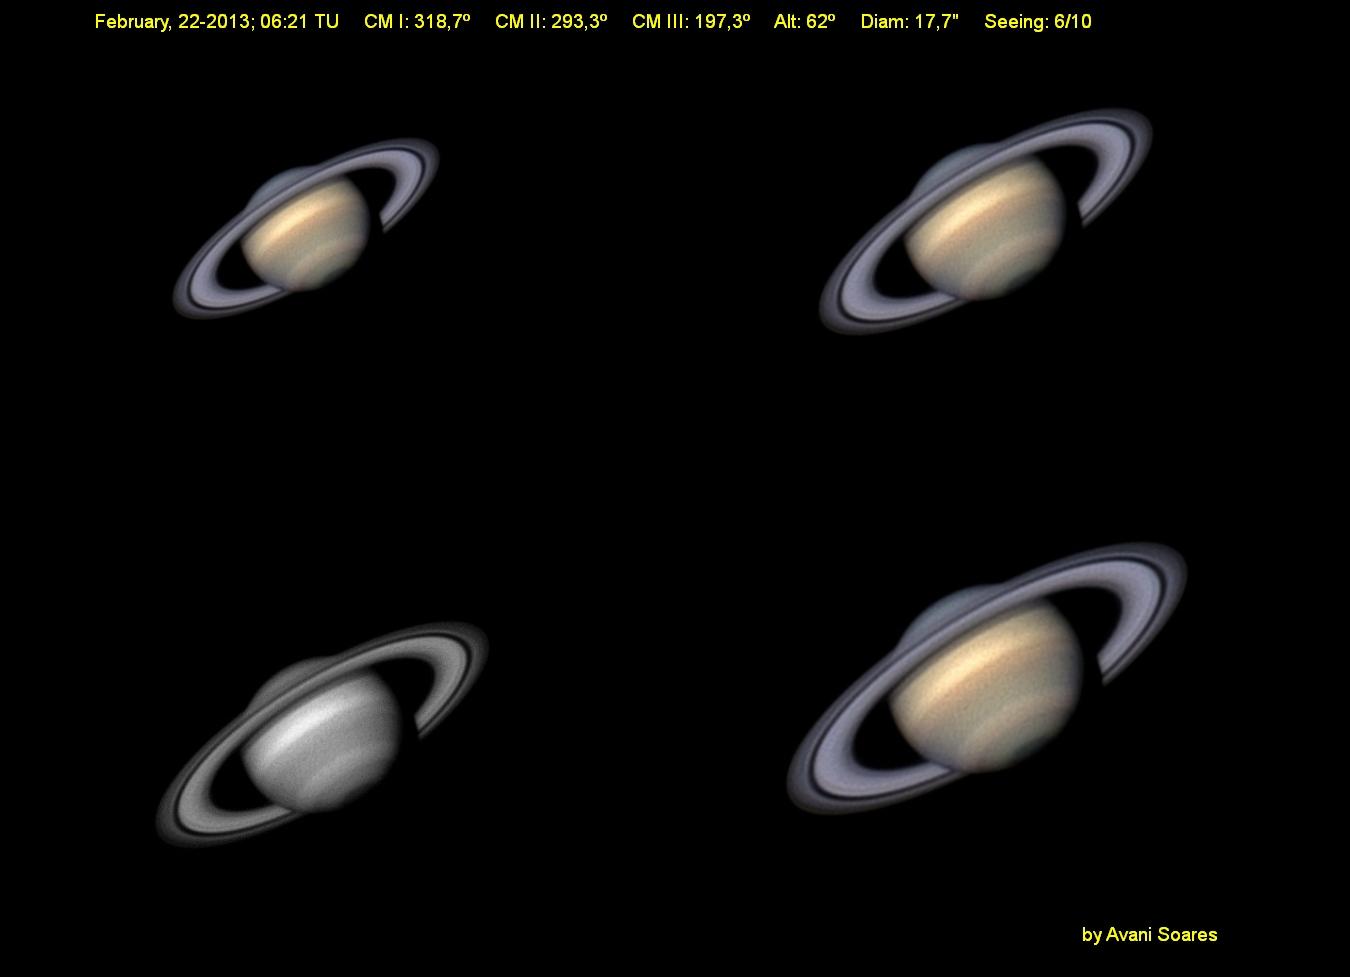 Saturno 2013 - Página 2 Dbeb61b9-317a-4c81-baee-5b05fa436726